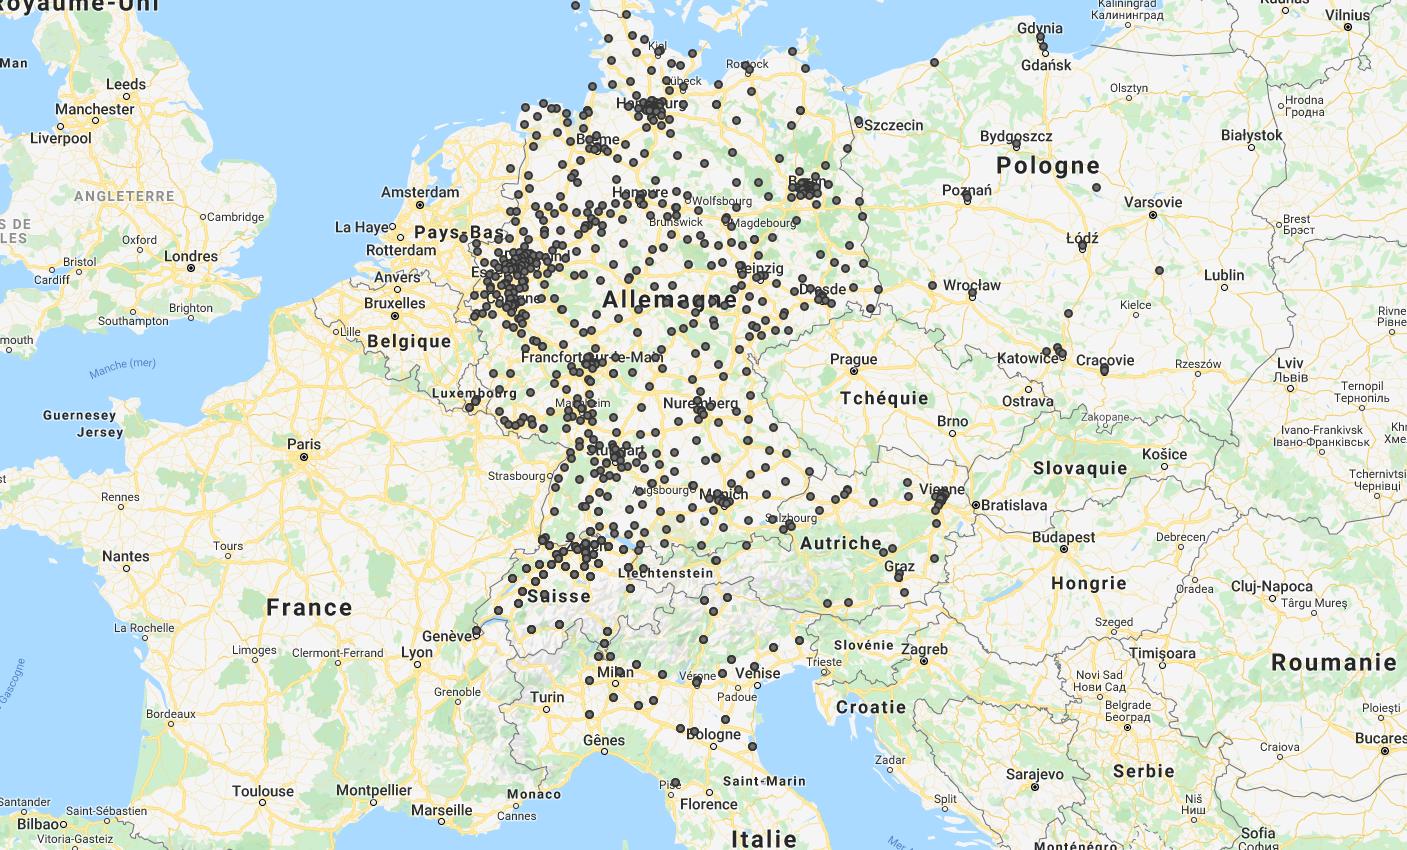 Les succursales de Fielmann en Europe. Les pays voisins de l'Allemagne sont investis progressivement, notamment l'Italie, où l'entreprise n'est pour l'instant présente que dans le Nord. Source : fielmann.ch